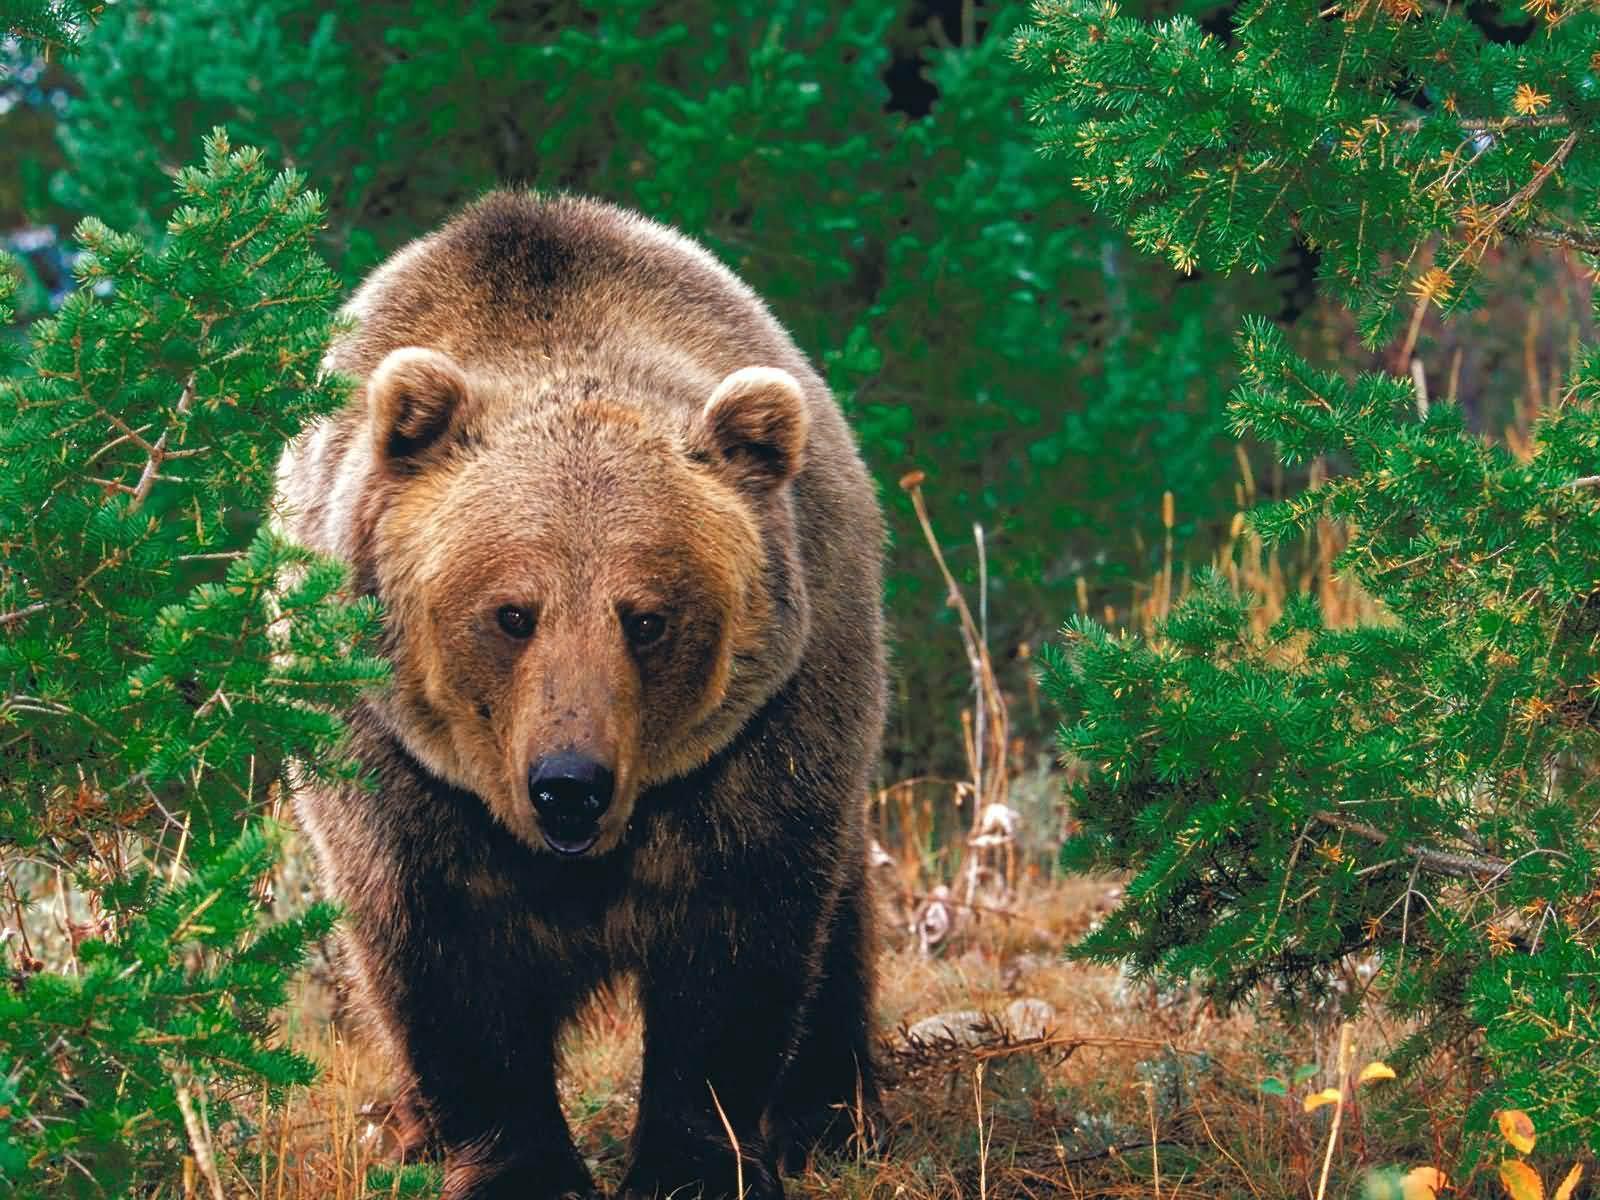 Bear Wallpapers   Bear Wallpapers - Part 2